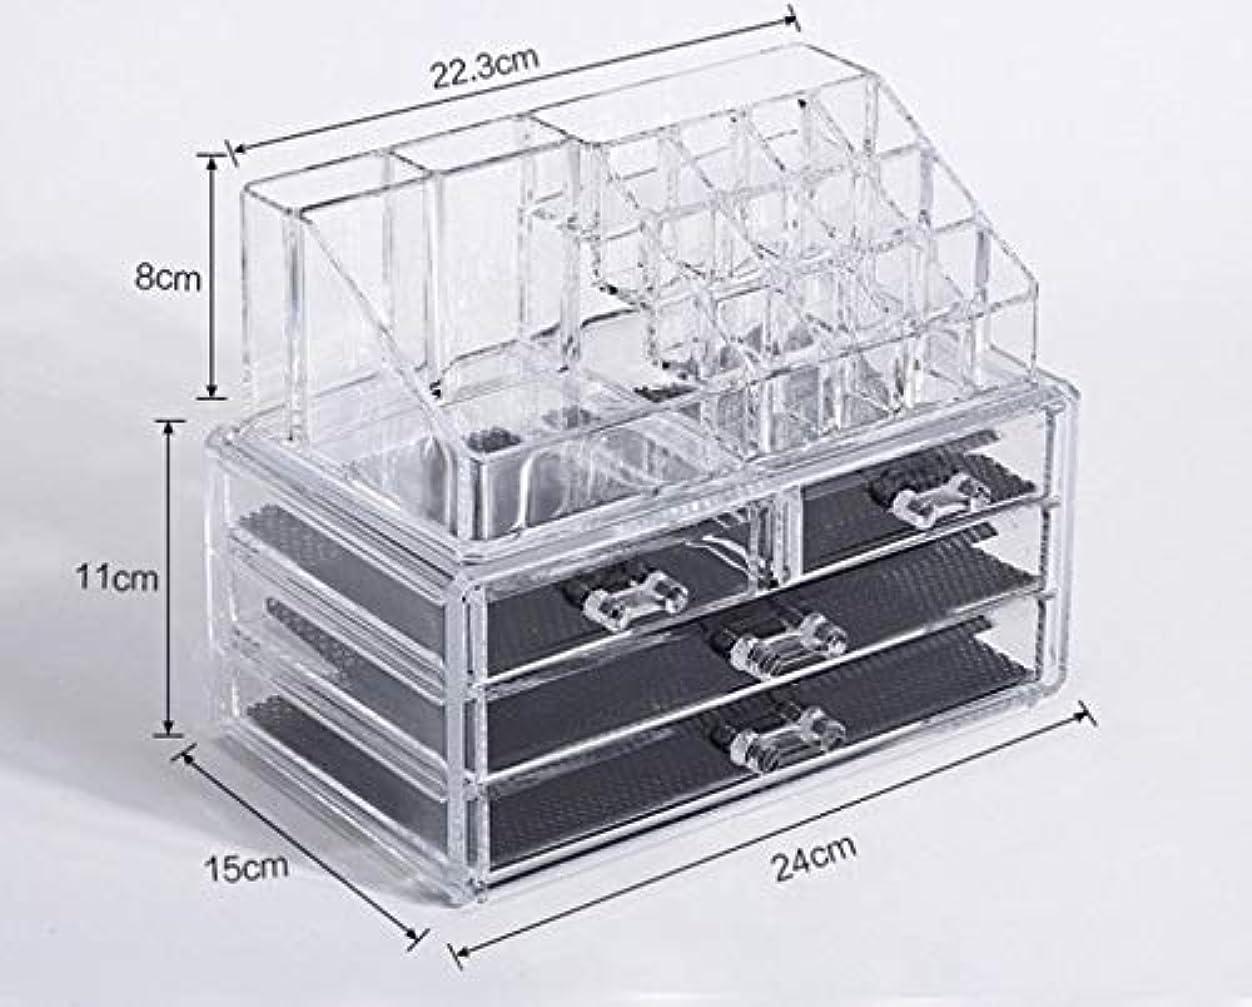 コークスほうき驚くばかり化粧品収納ボックス メイクボックス 化粧品 収納 ニオイなし 騒音なし 防塵 高透明度 強い耐久性